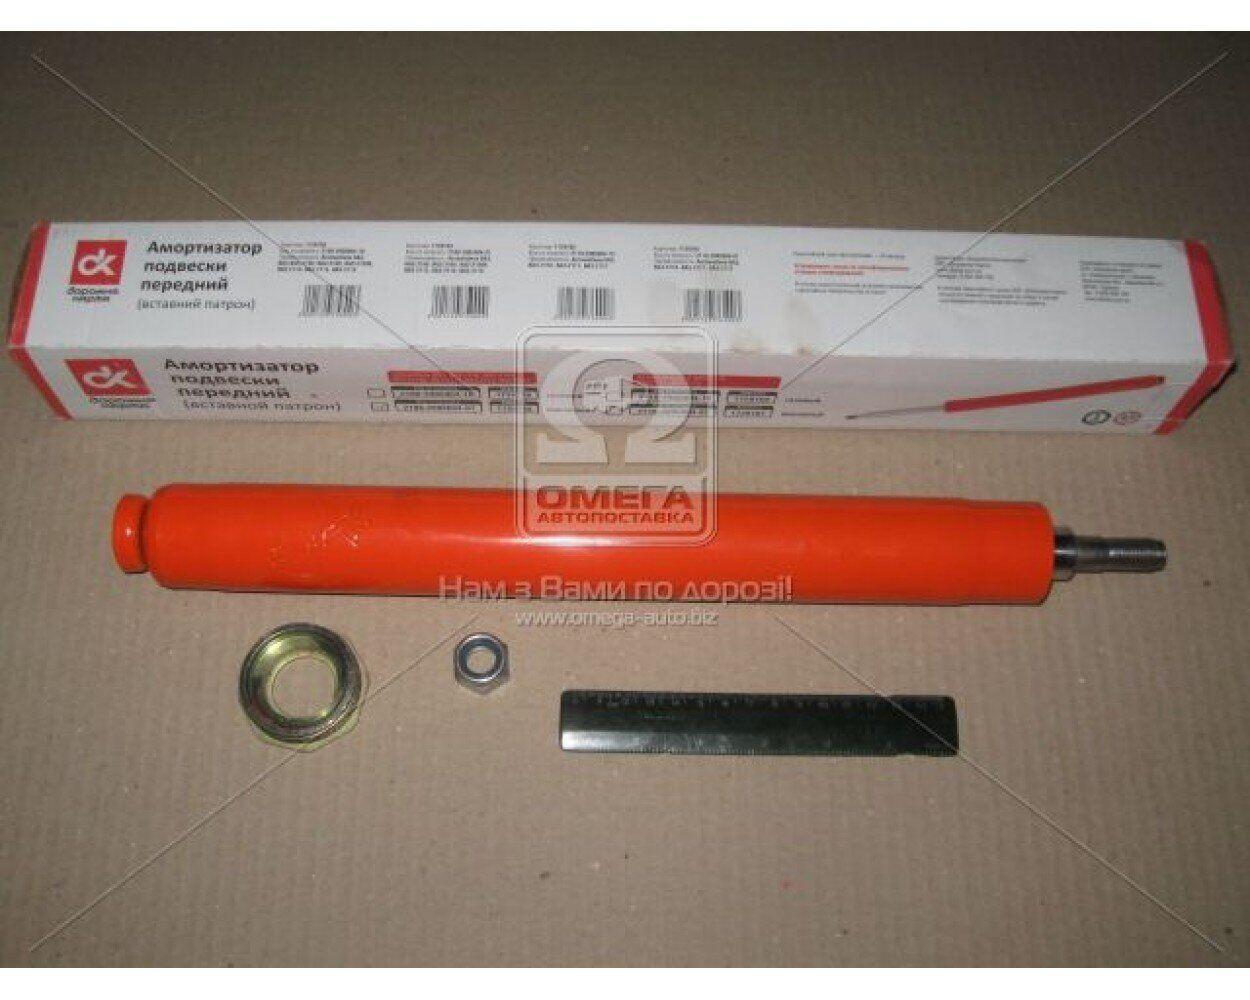 Амортизатор ВАЗ 2108 подв. передняя масл. (вставной патрон) | Дорожная карта